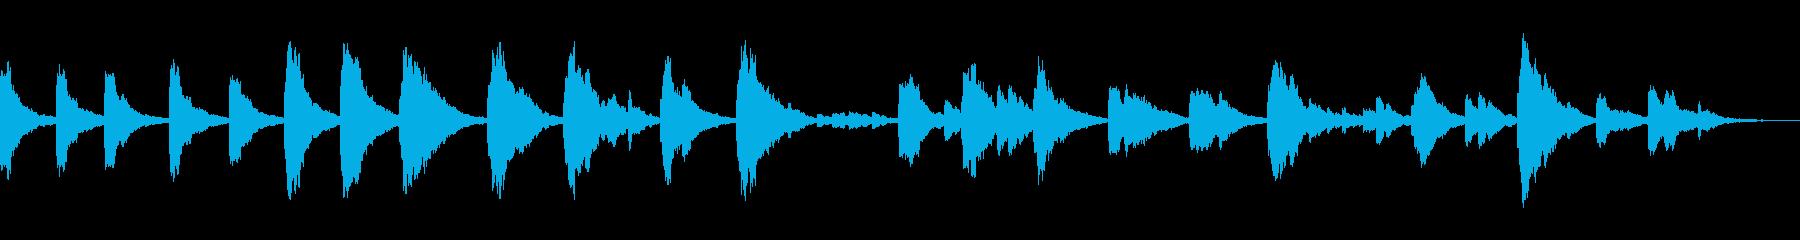 深めのリバーブ感のスローテンポソロピアノの再生済みの波形